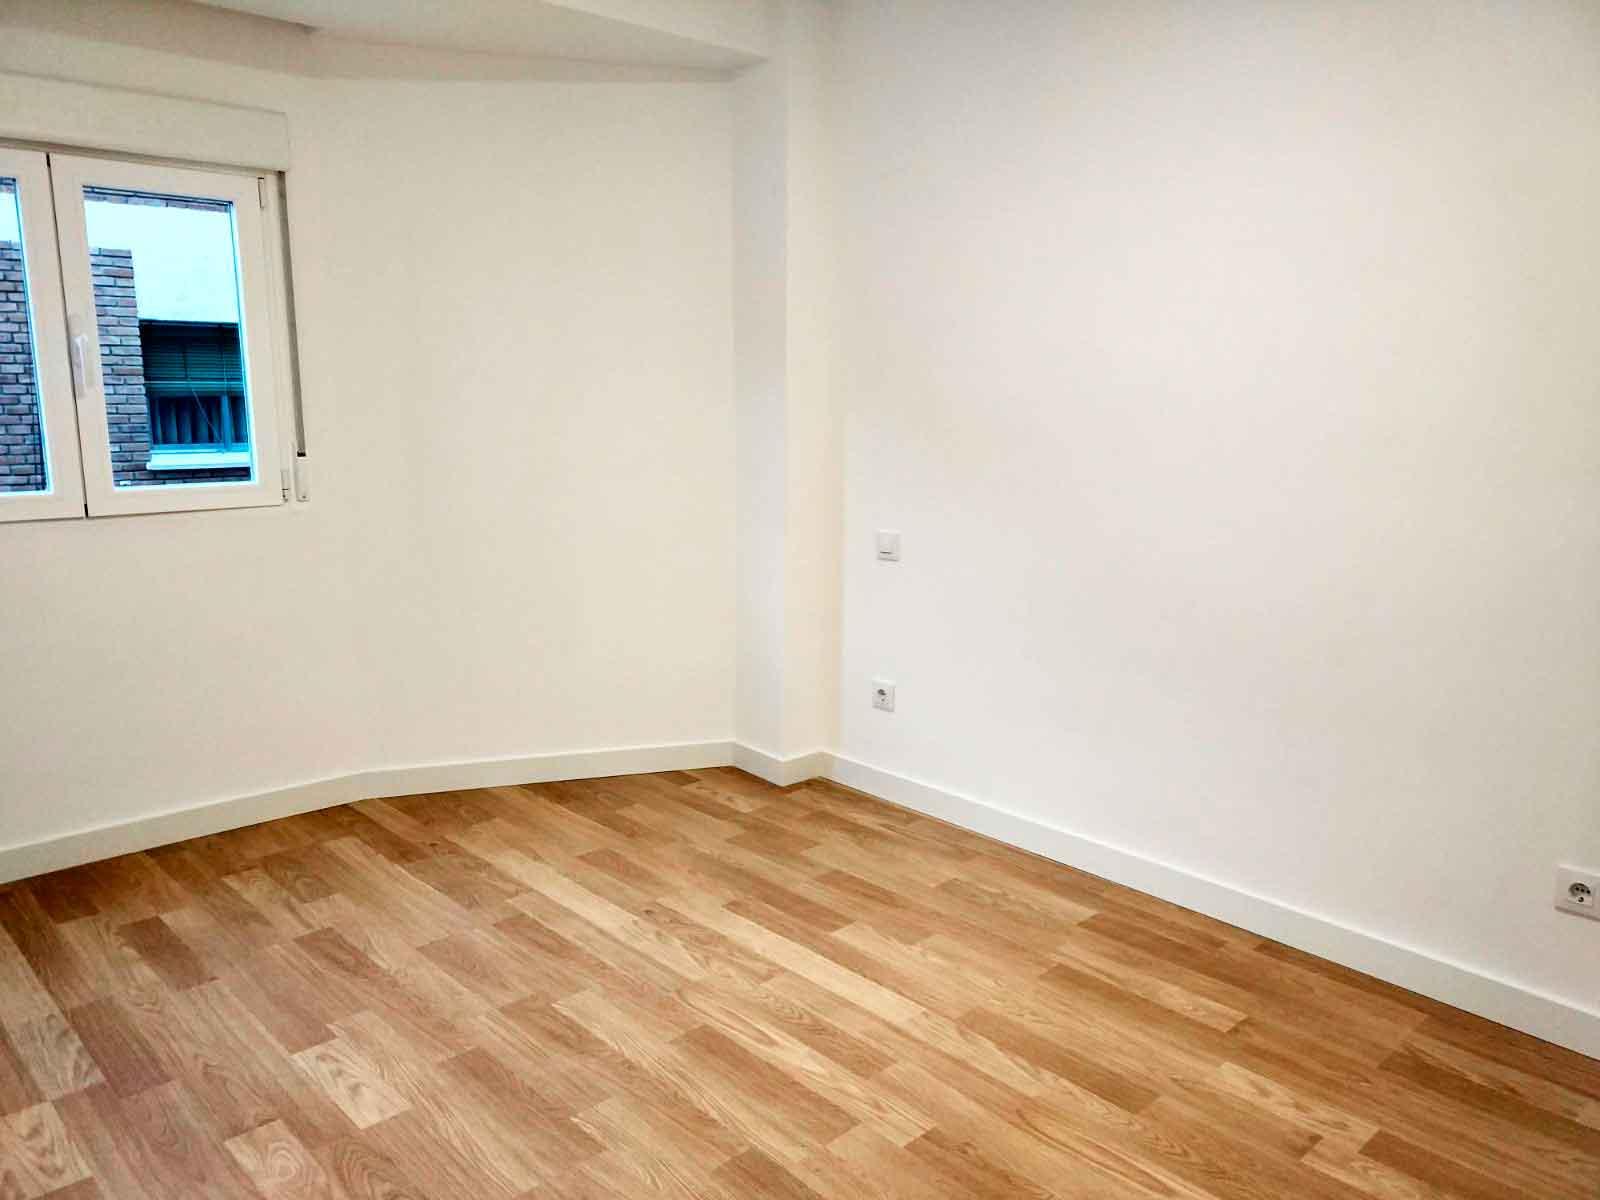 reforma habitación de piso en Alcobendas